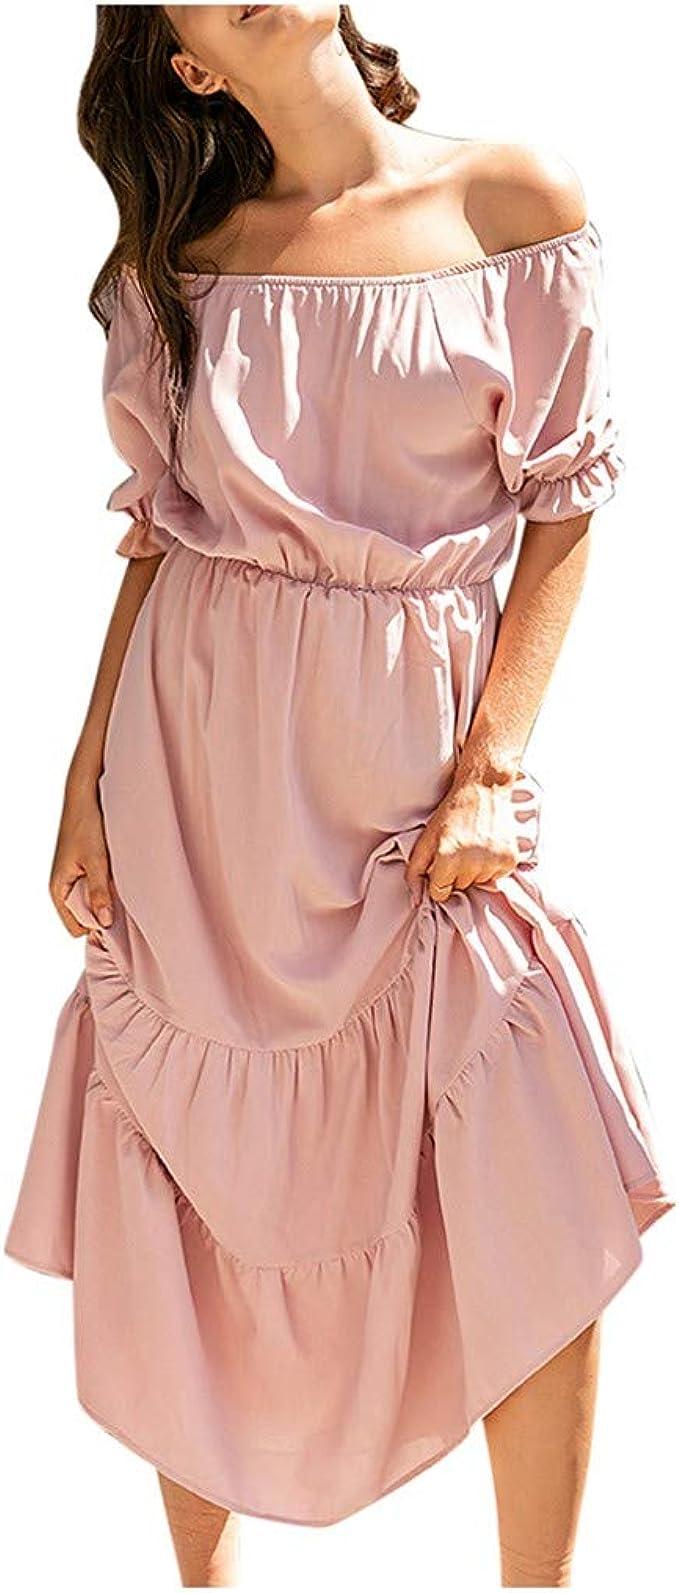 Elecenty Sommerkleid Damen,Reizvolle Schulterfrei Patchwork Kleider  Strandkleid Gummiband Kleider Frauen Minikleid Irregulär Lang Kleid Solide